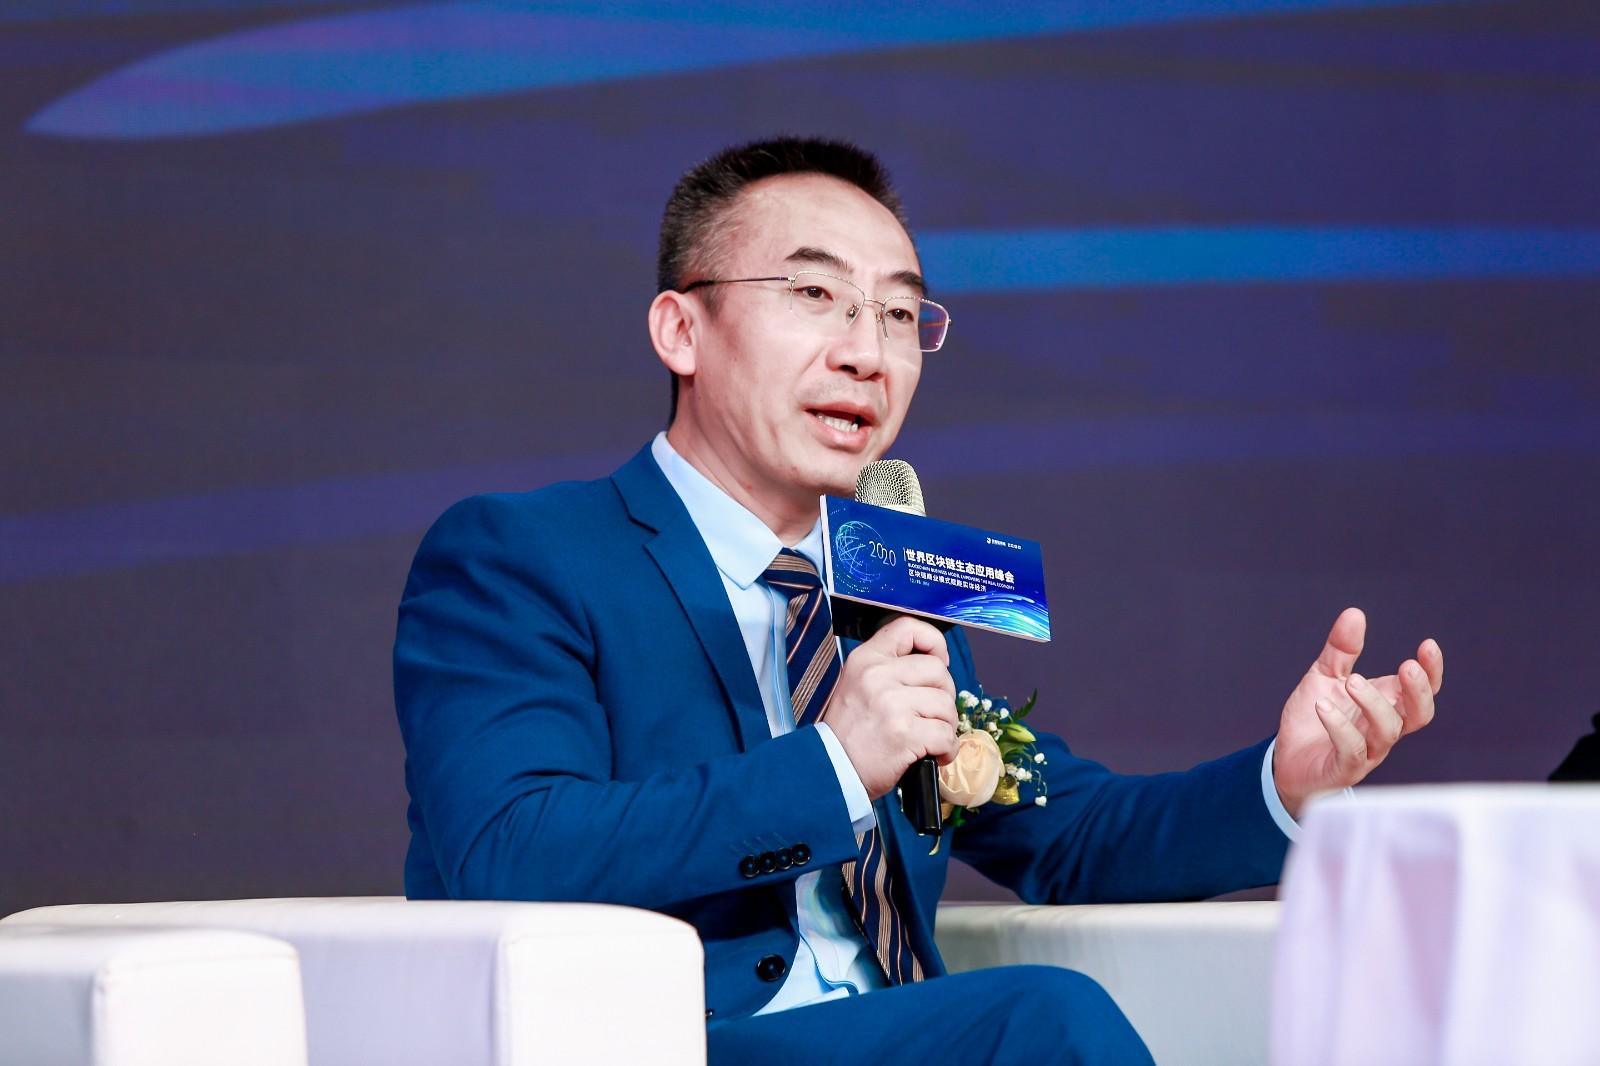 2020年世界区块链生态应用峰会(博悦荟董事长张铁军)